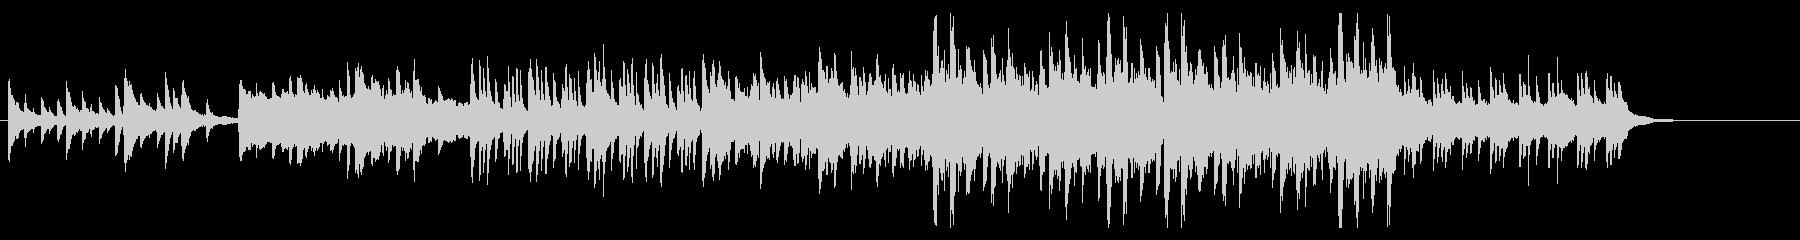 幻想的な7拍子のオーケストラの未再生の波形